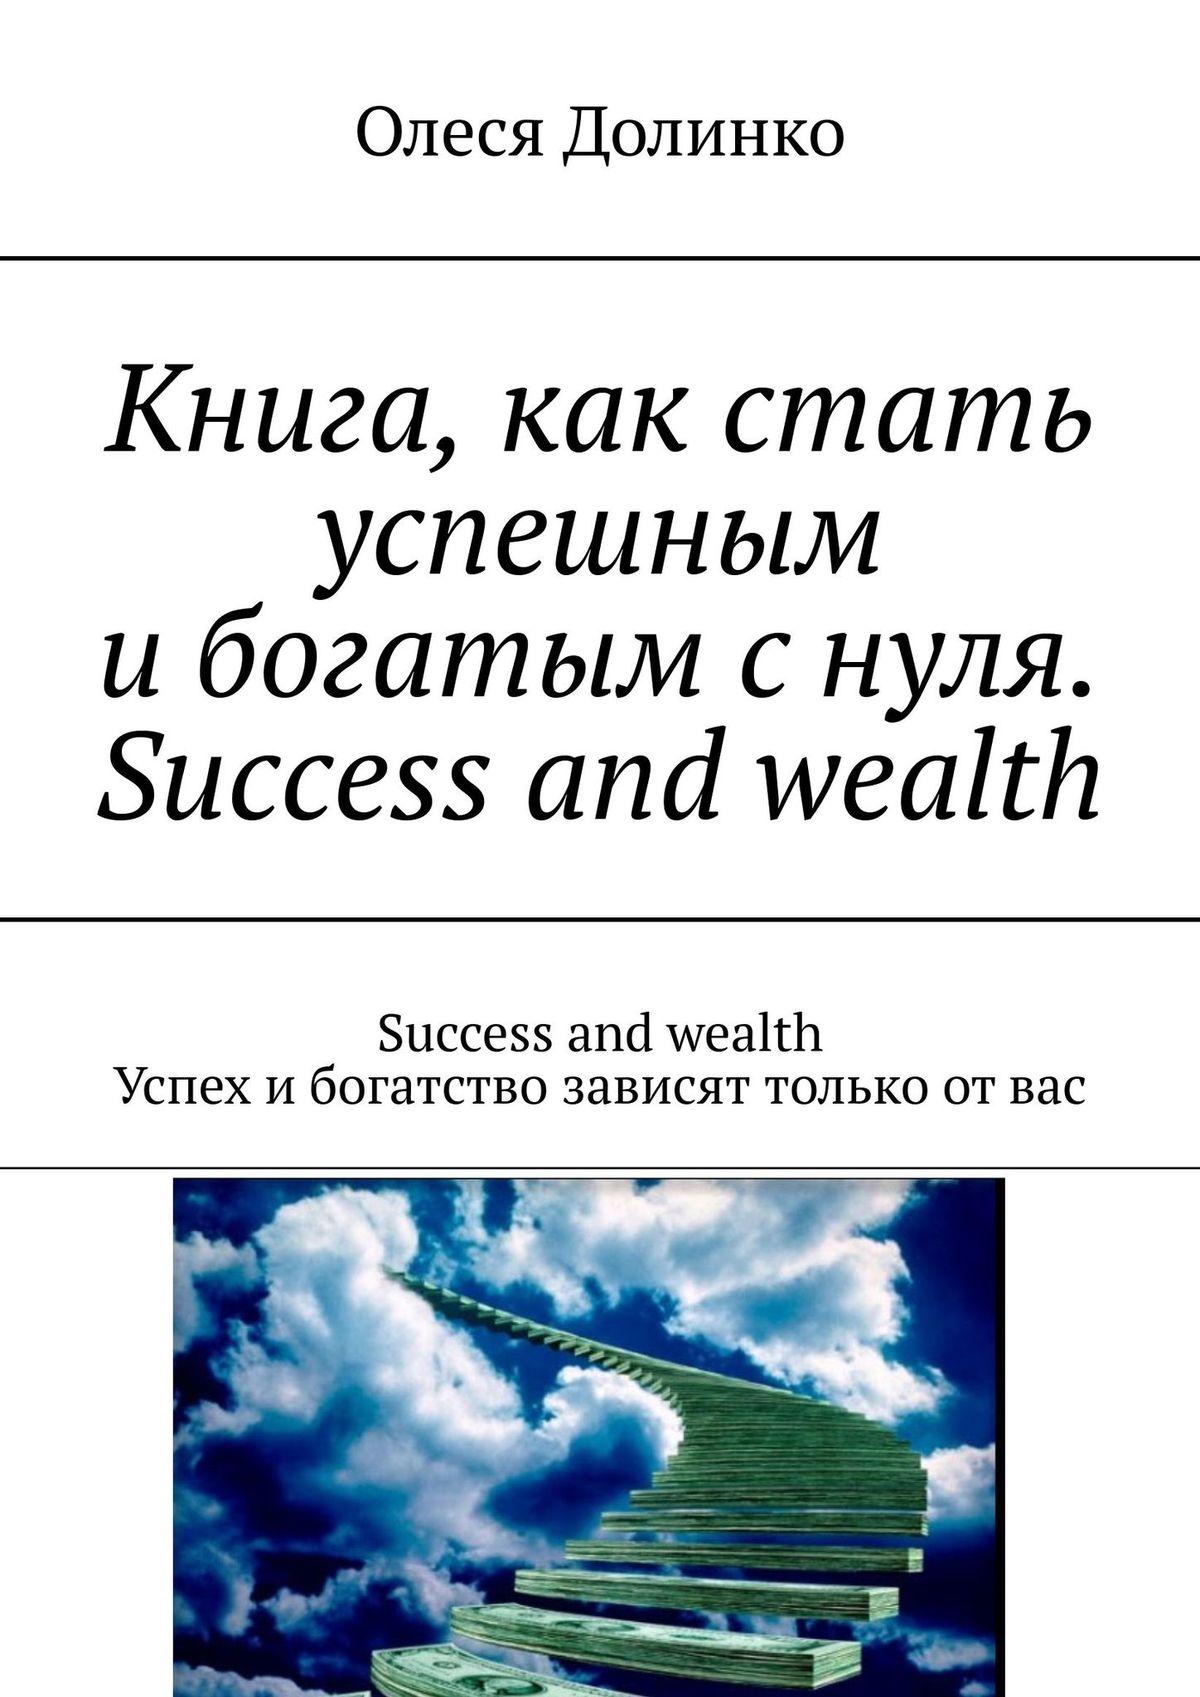 Книга, как стать успешным ибогатым снуля. Success and wealth. Success and wealth Успех ибогатство зависят только отвас